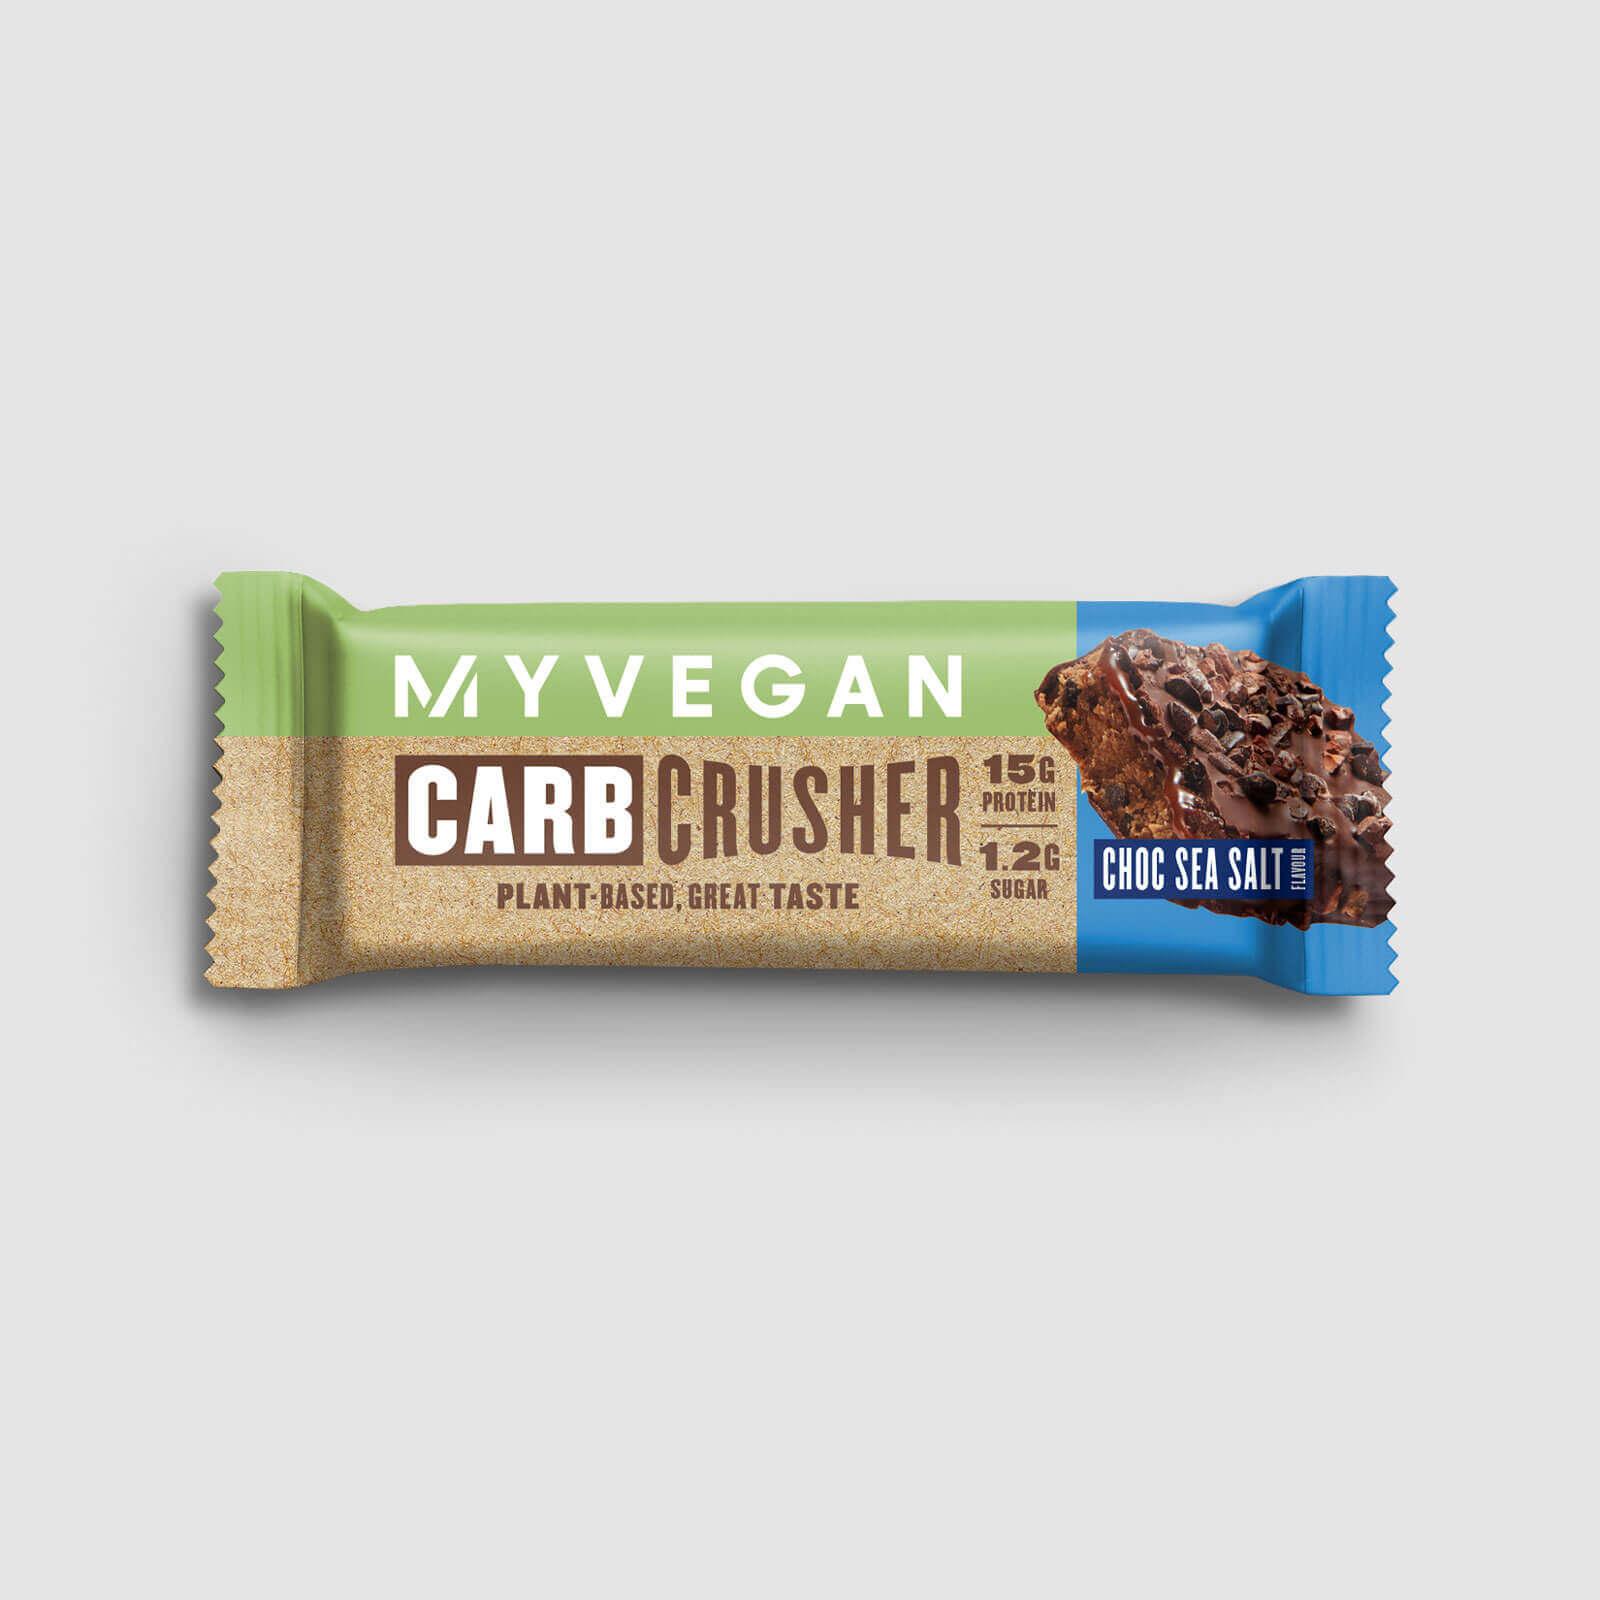 Myprotein Vegan Carb Crusher (Sample) - Chocolat & Sel De Mer